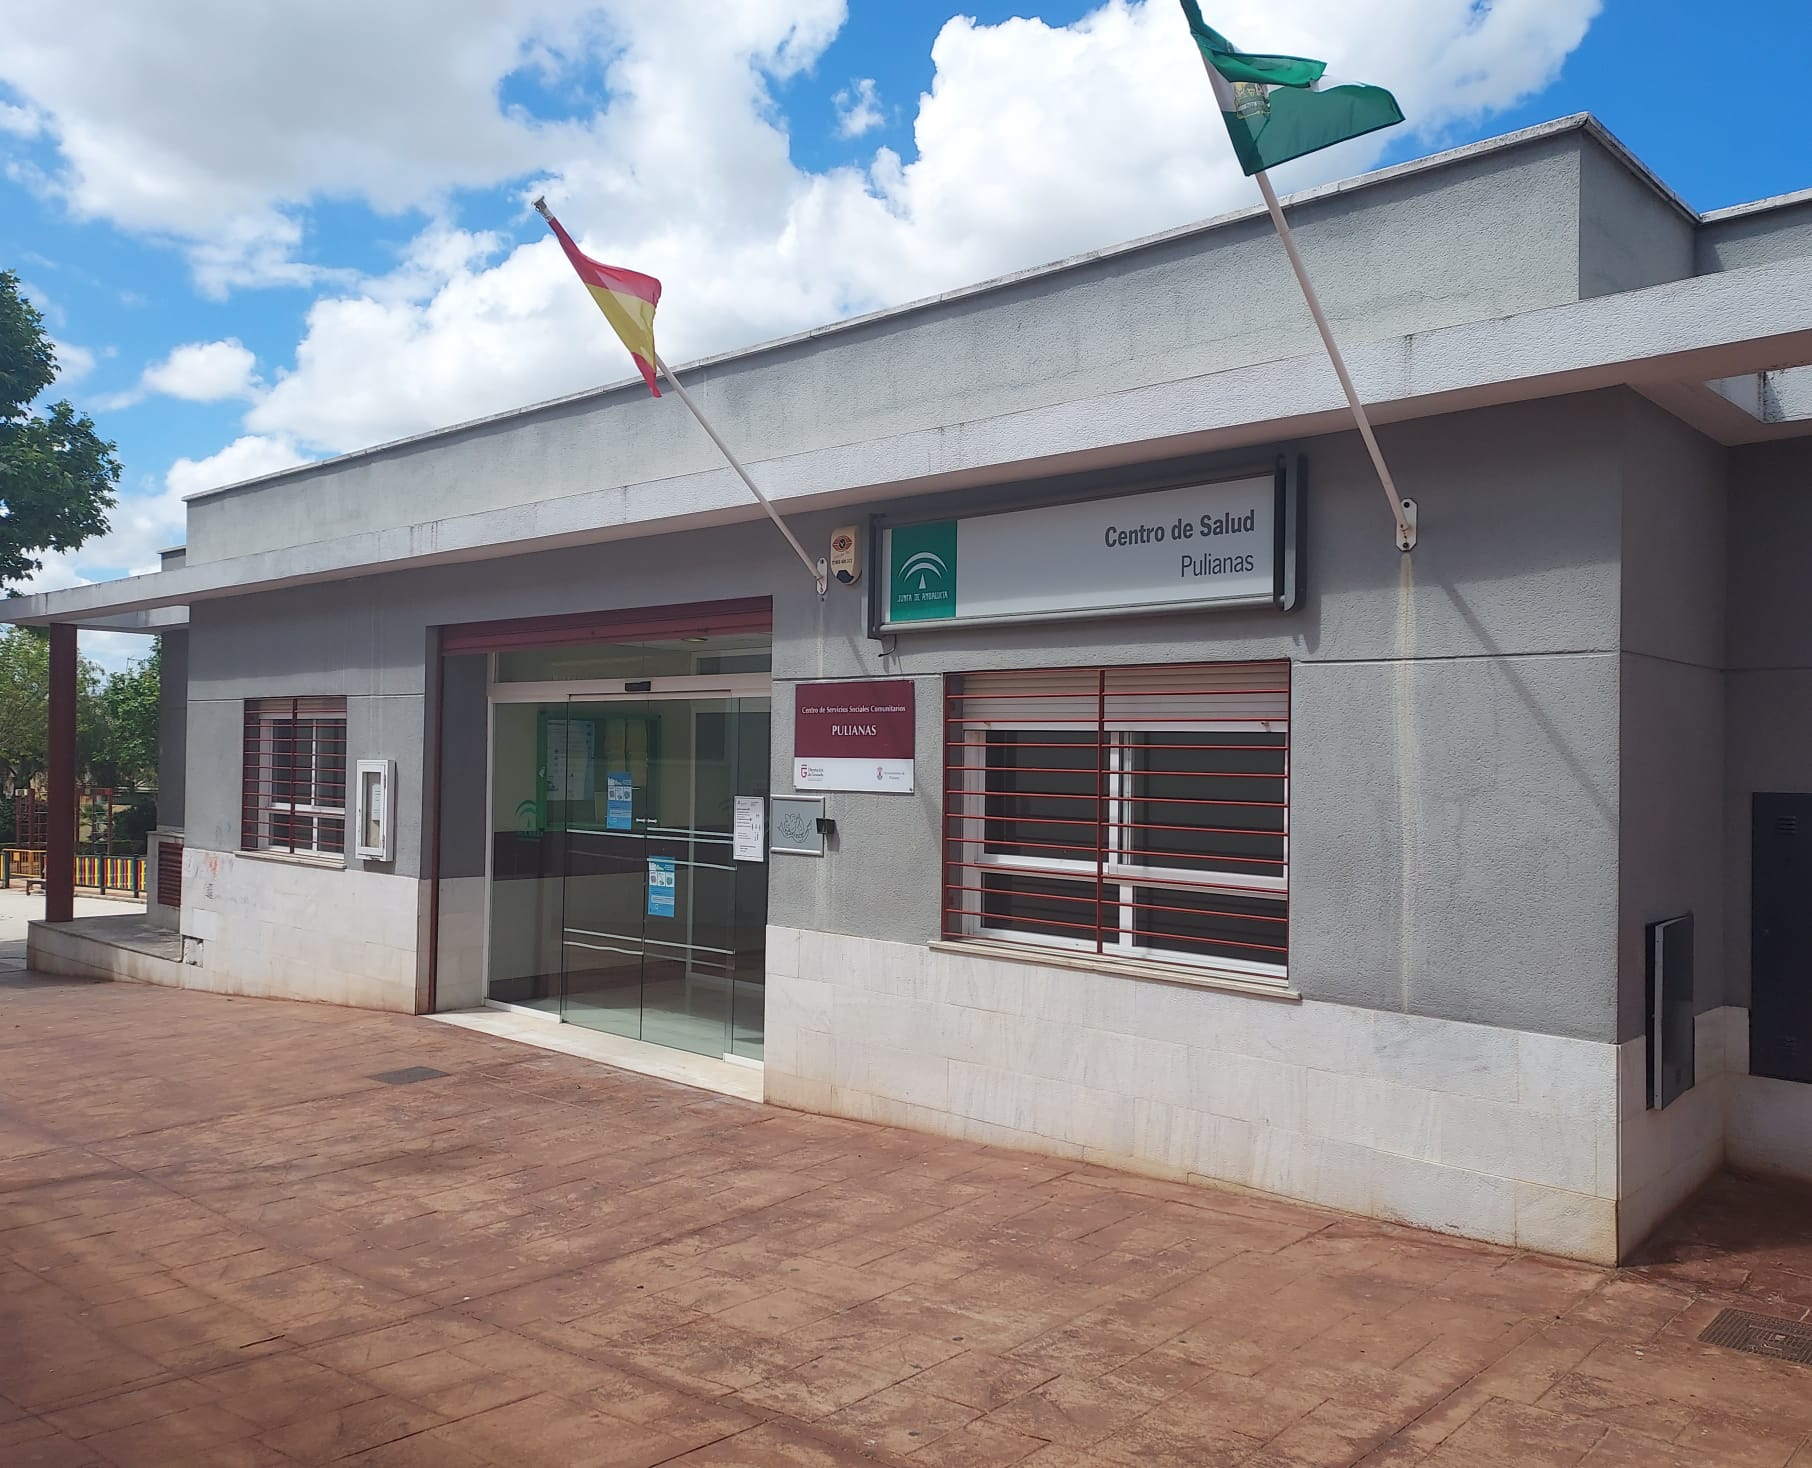 El Alcalde de Pulianas exige a la Junta la apertura del Centro de Salud de municipio